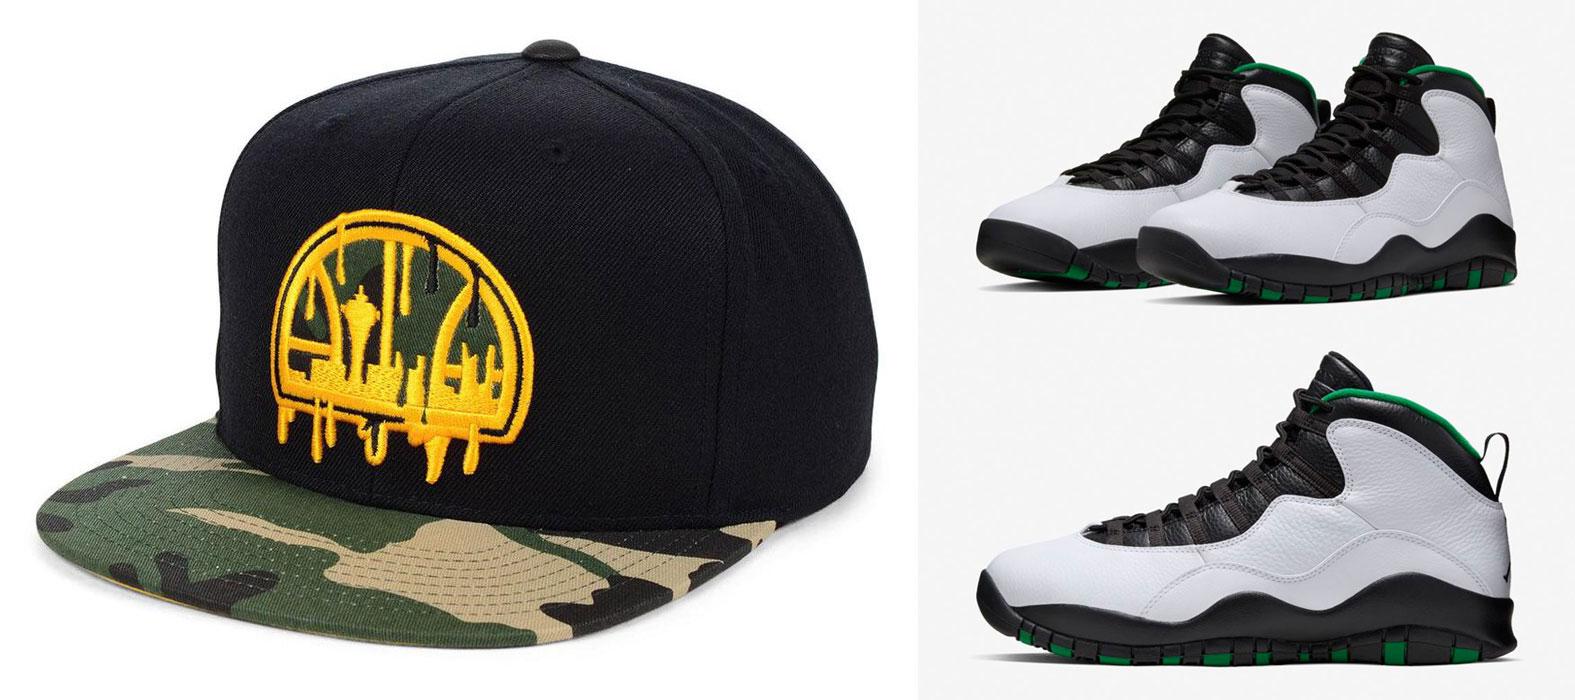 jordan-10-seattle-hat-3